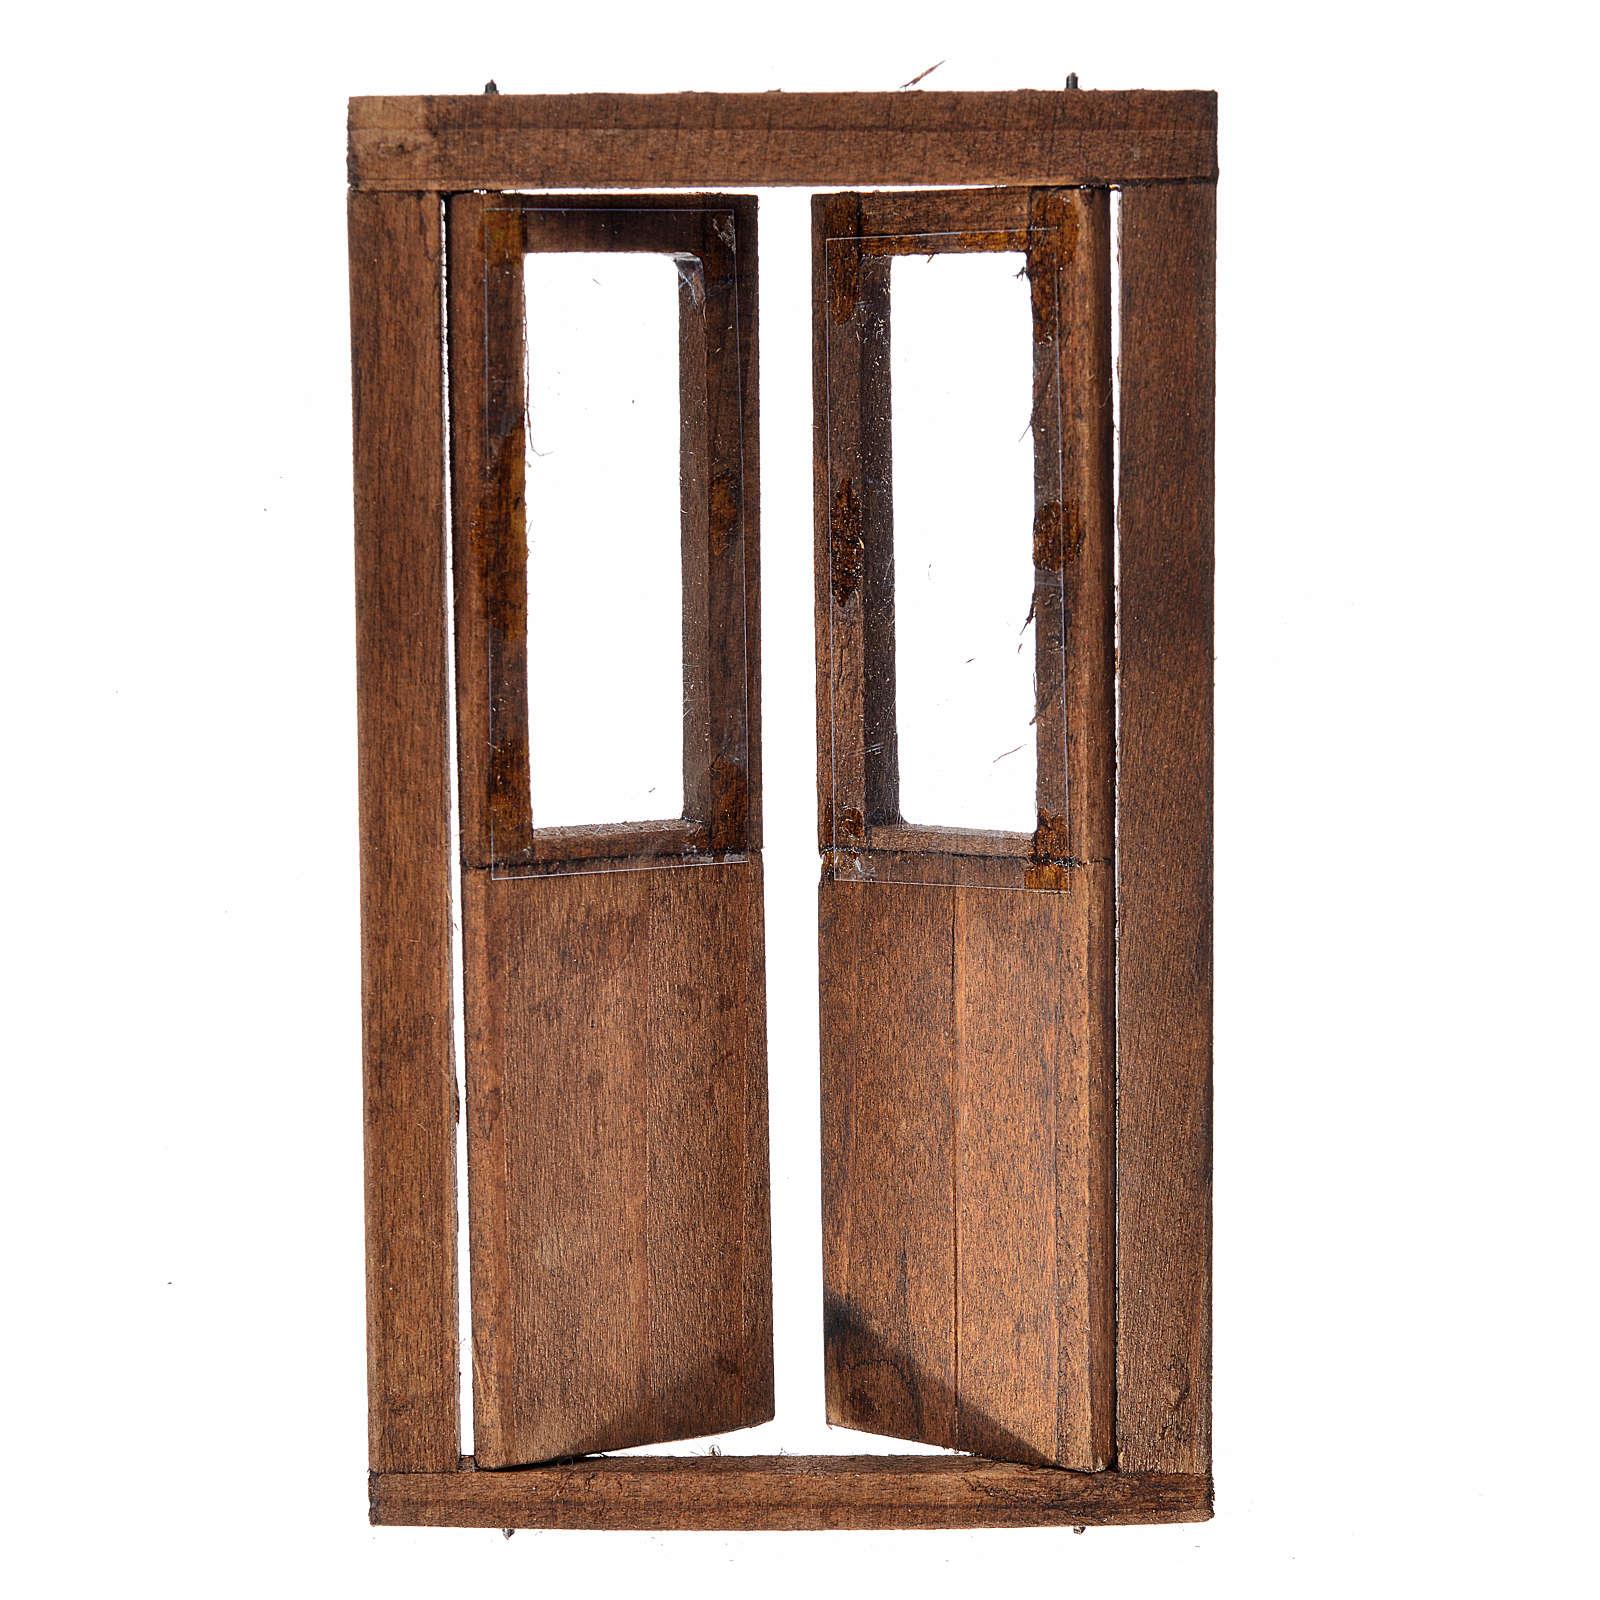 Puerta dos hojas madera con marcos 11x6,5 cm 4